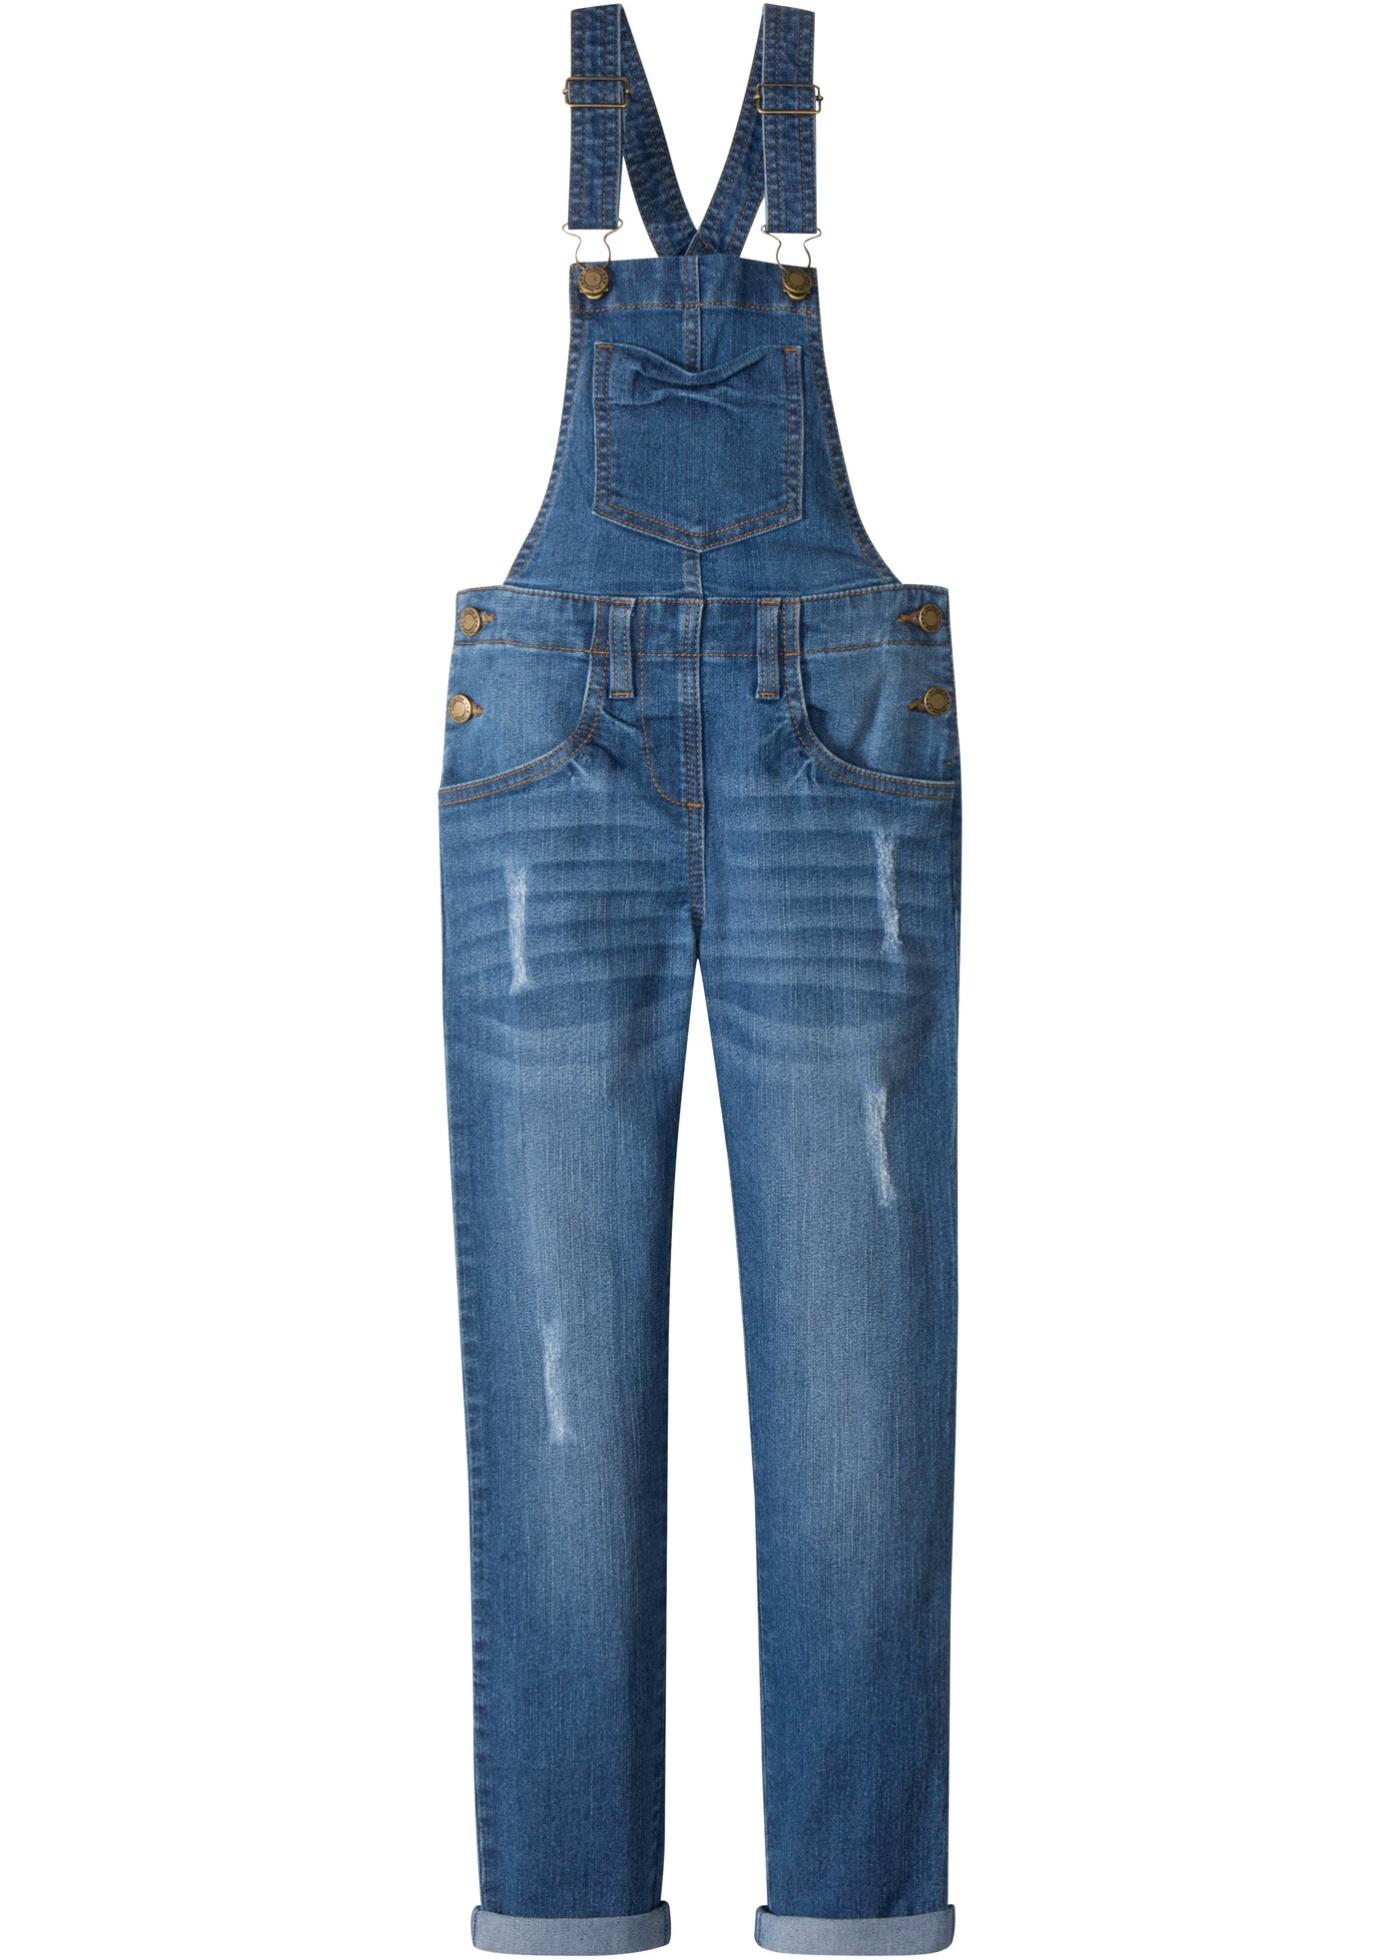 Bonprix Mädchen,Kinder Jeans Latzhose | 08941101795636